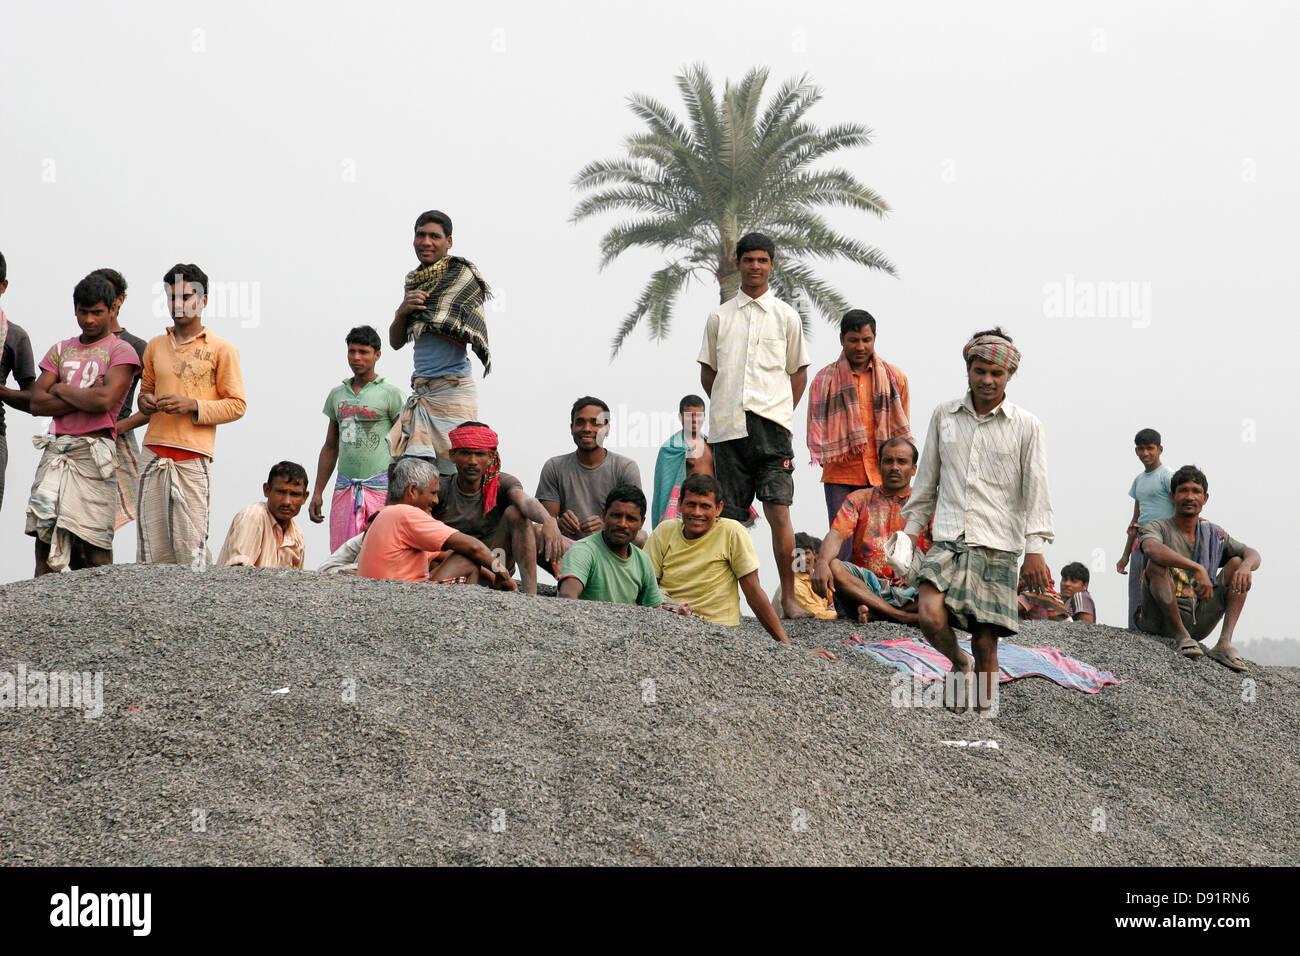 Crowd of Bangladeshi men - Stock Image